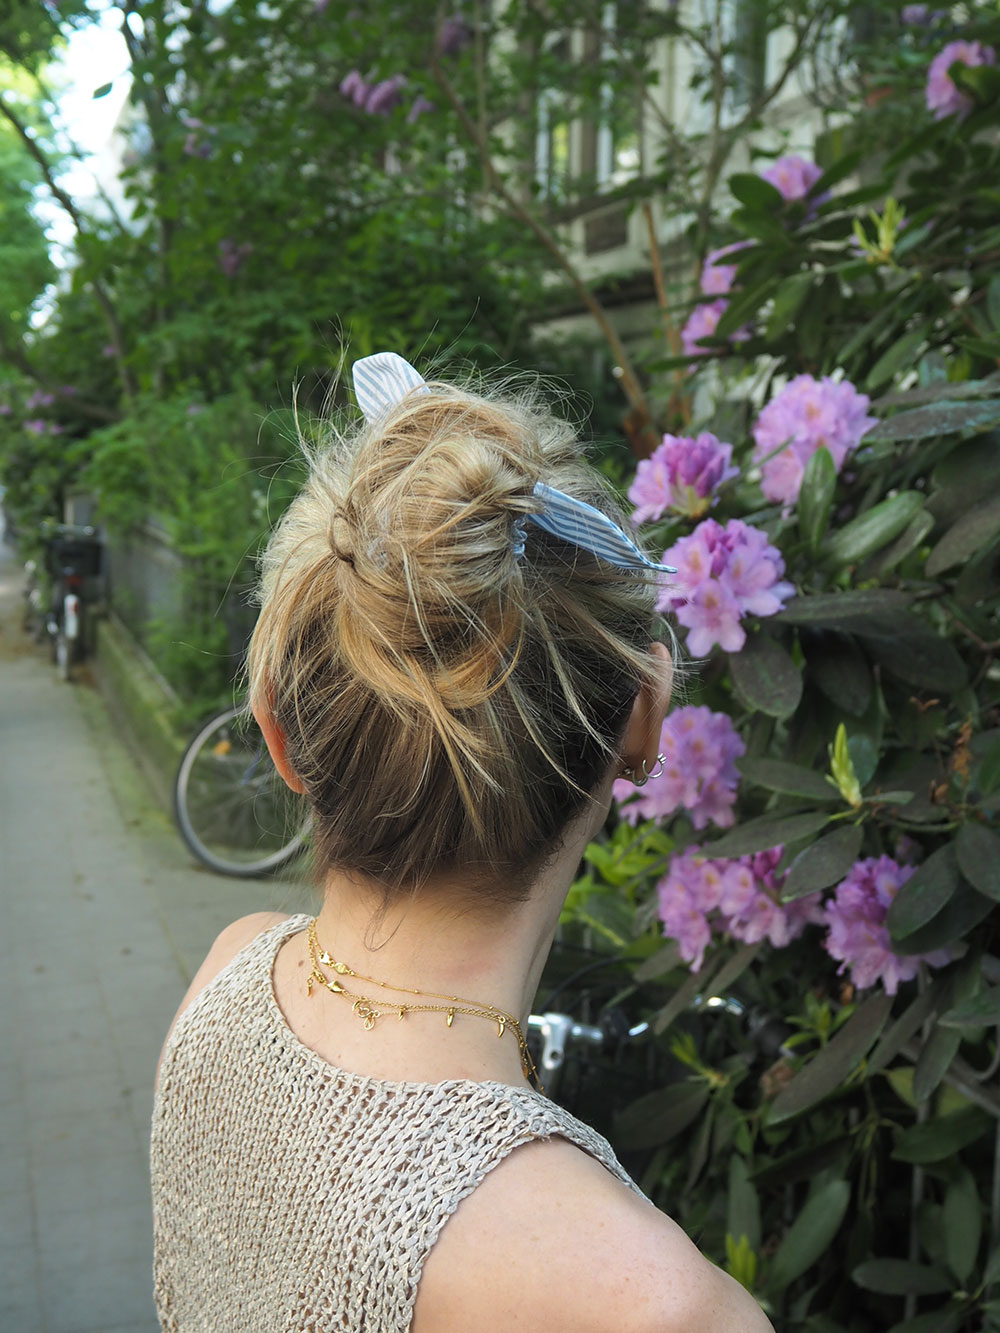 RosyCheeks-hair-bow